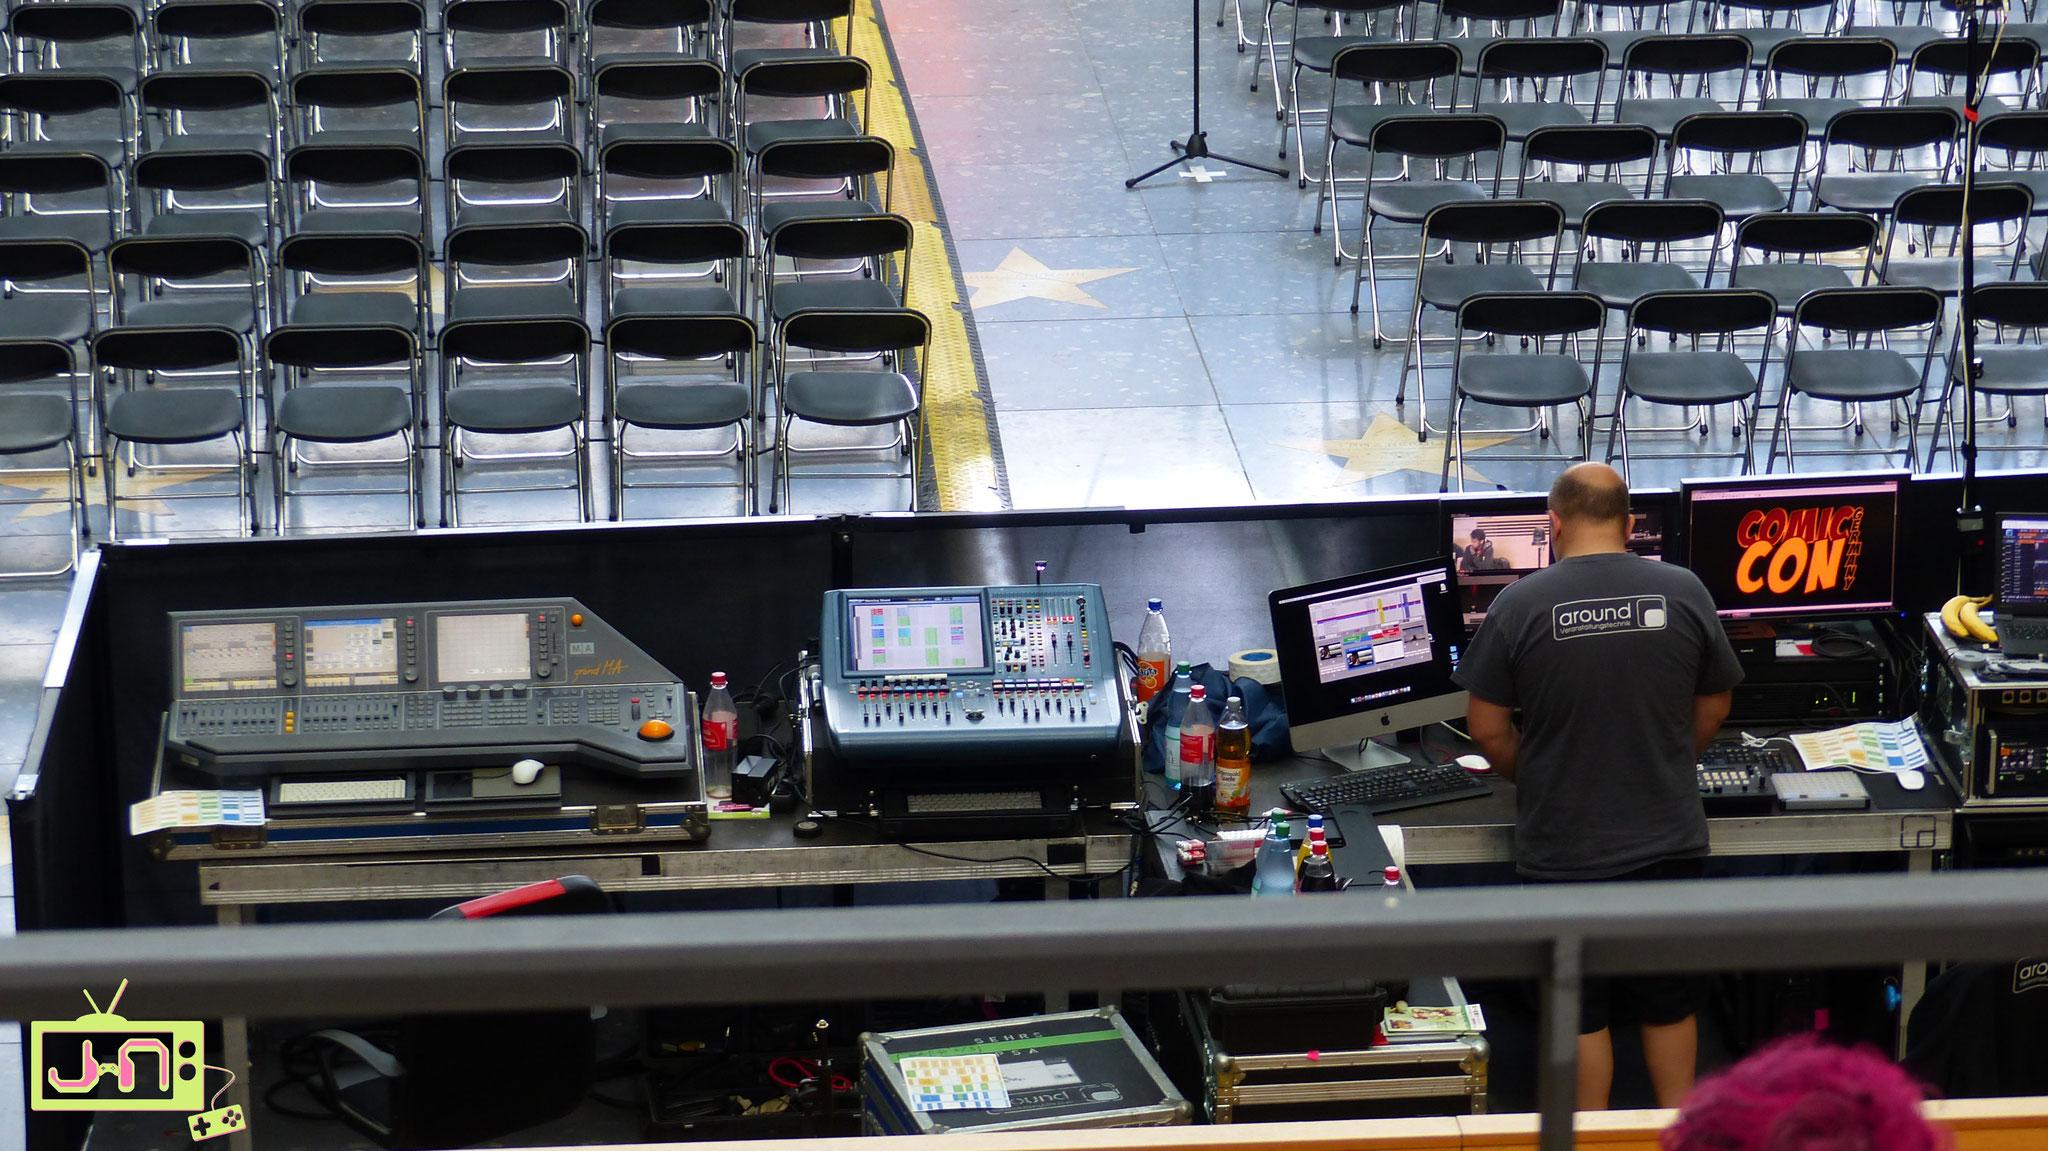 Natürlich steckt da massig Technik drin bei so einer Show